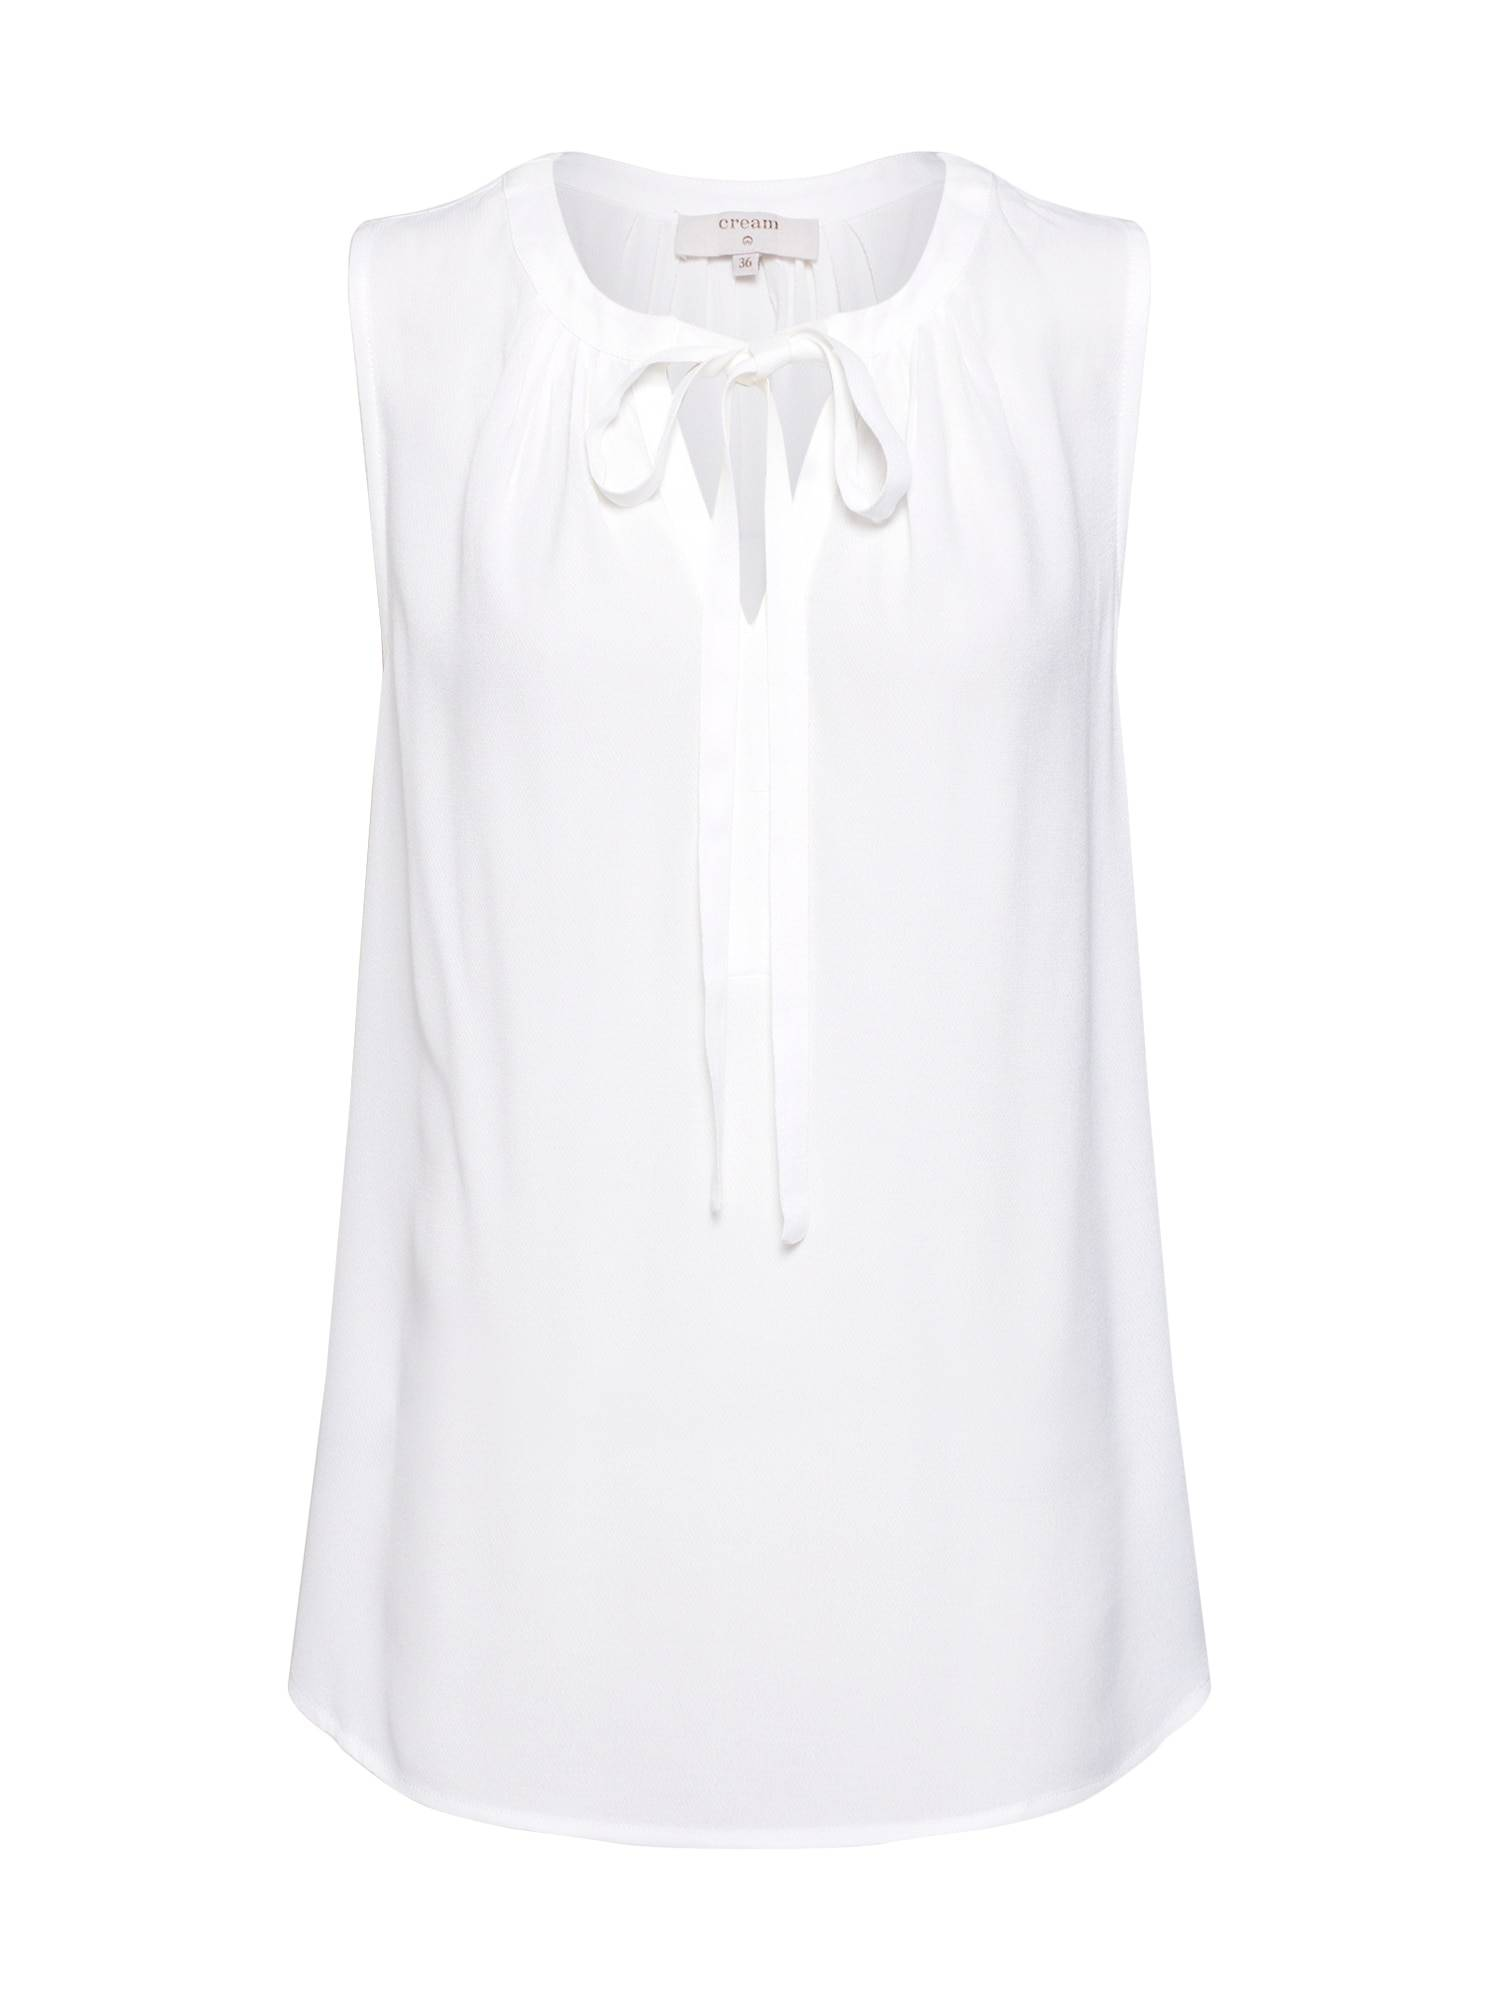 cream camicia da donna 'vera' bianco